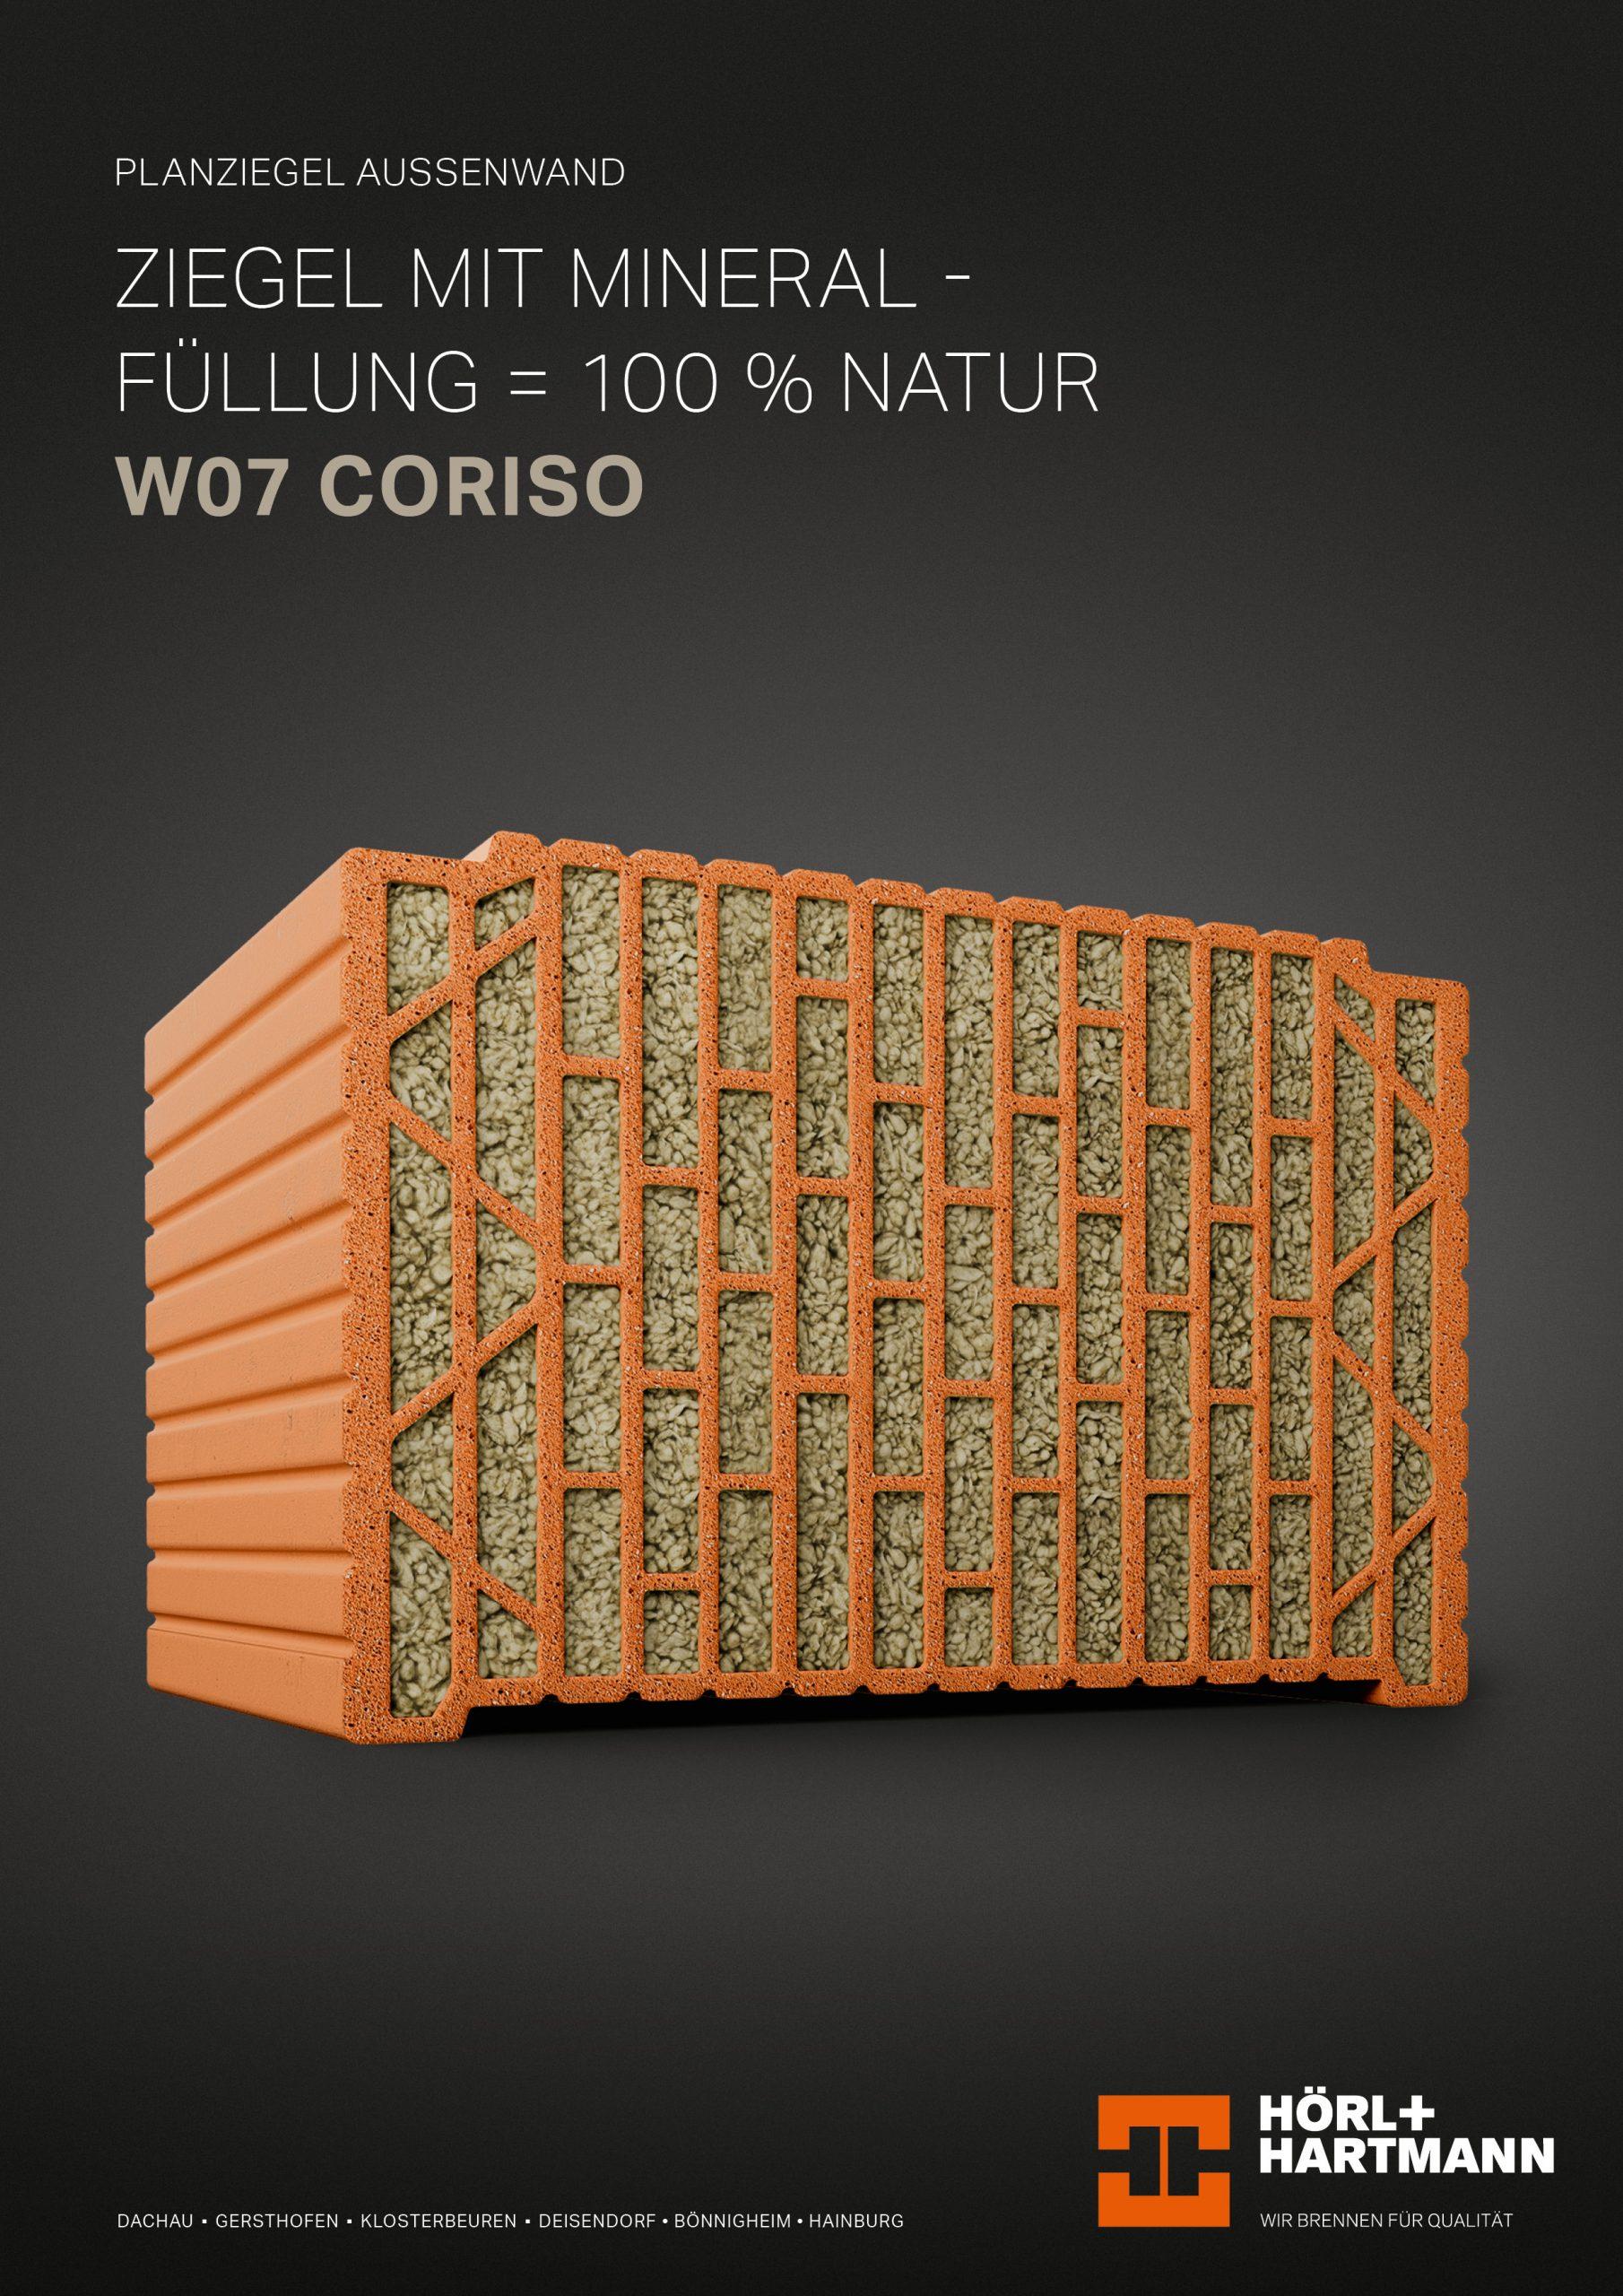 Datenblatt W07 CORISO